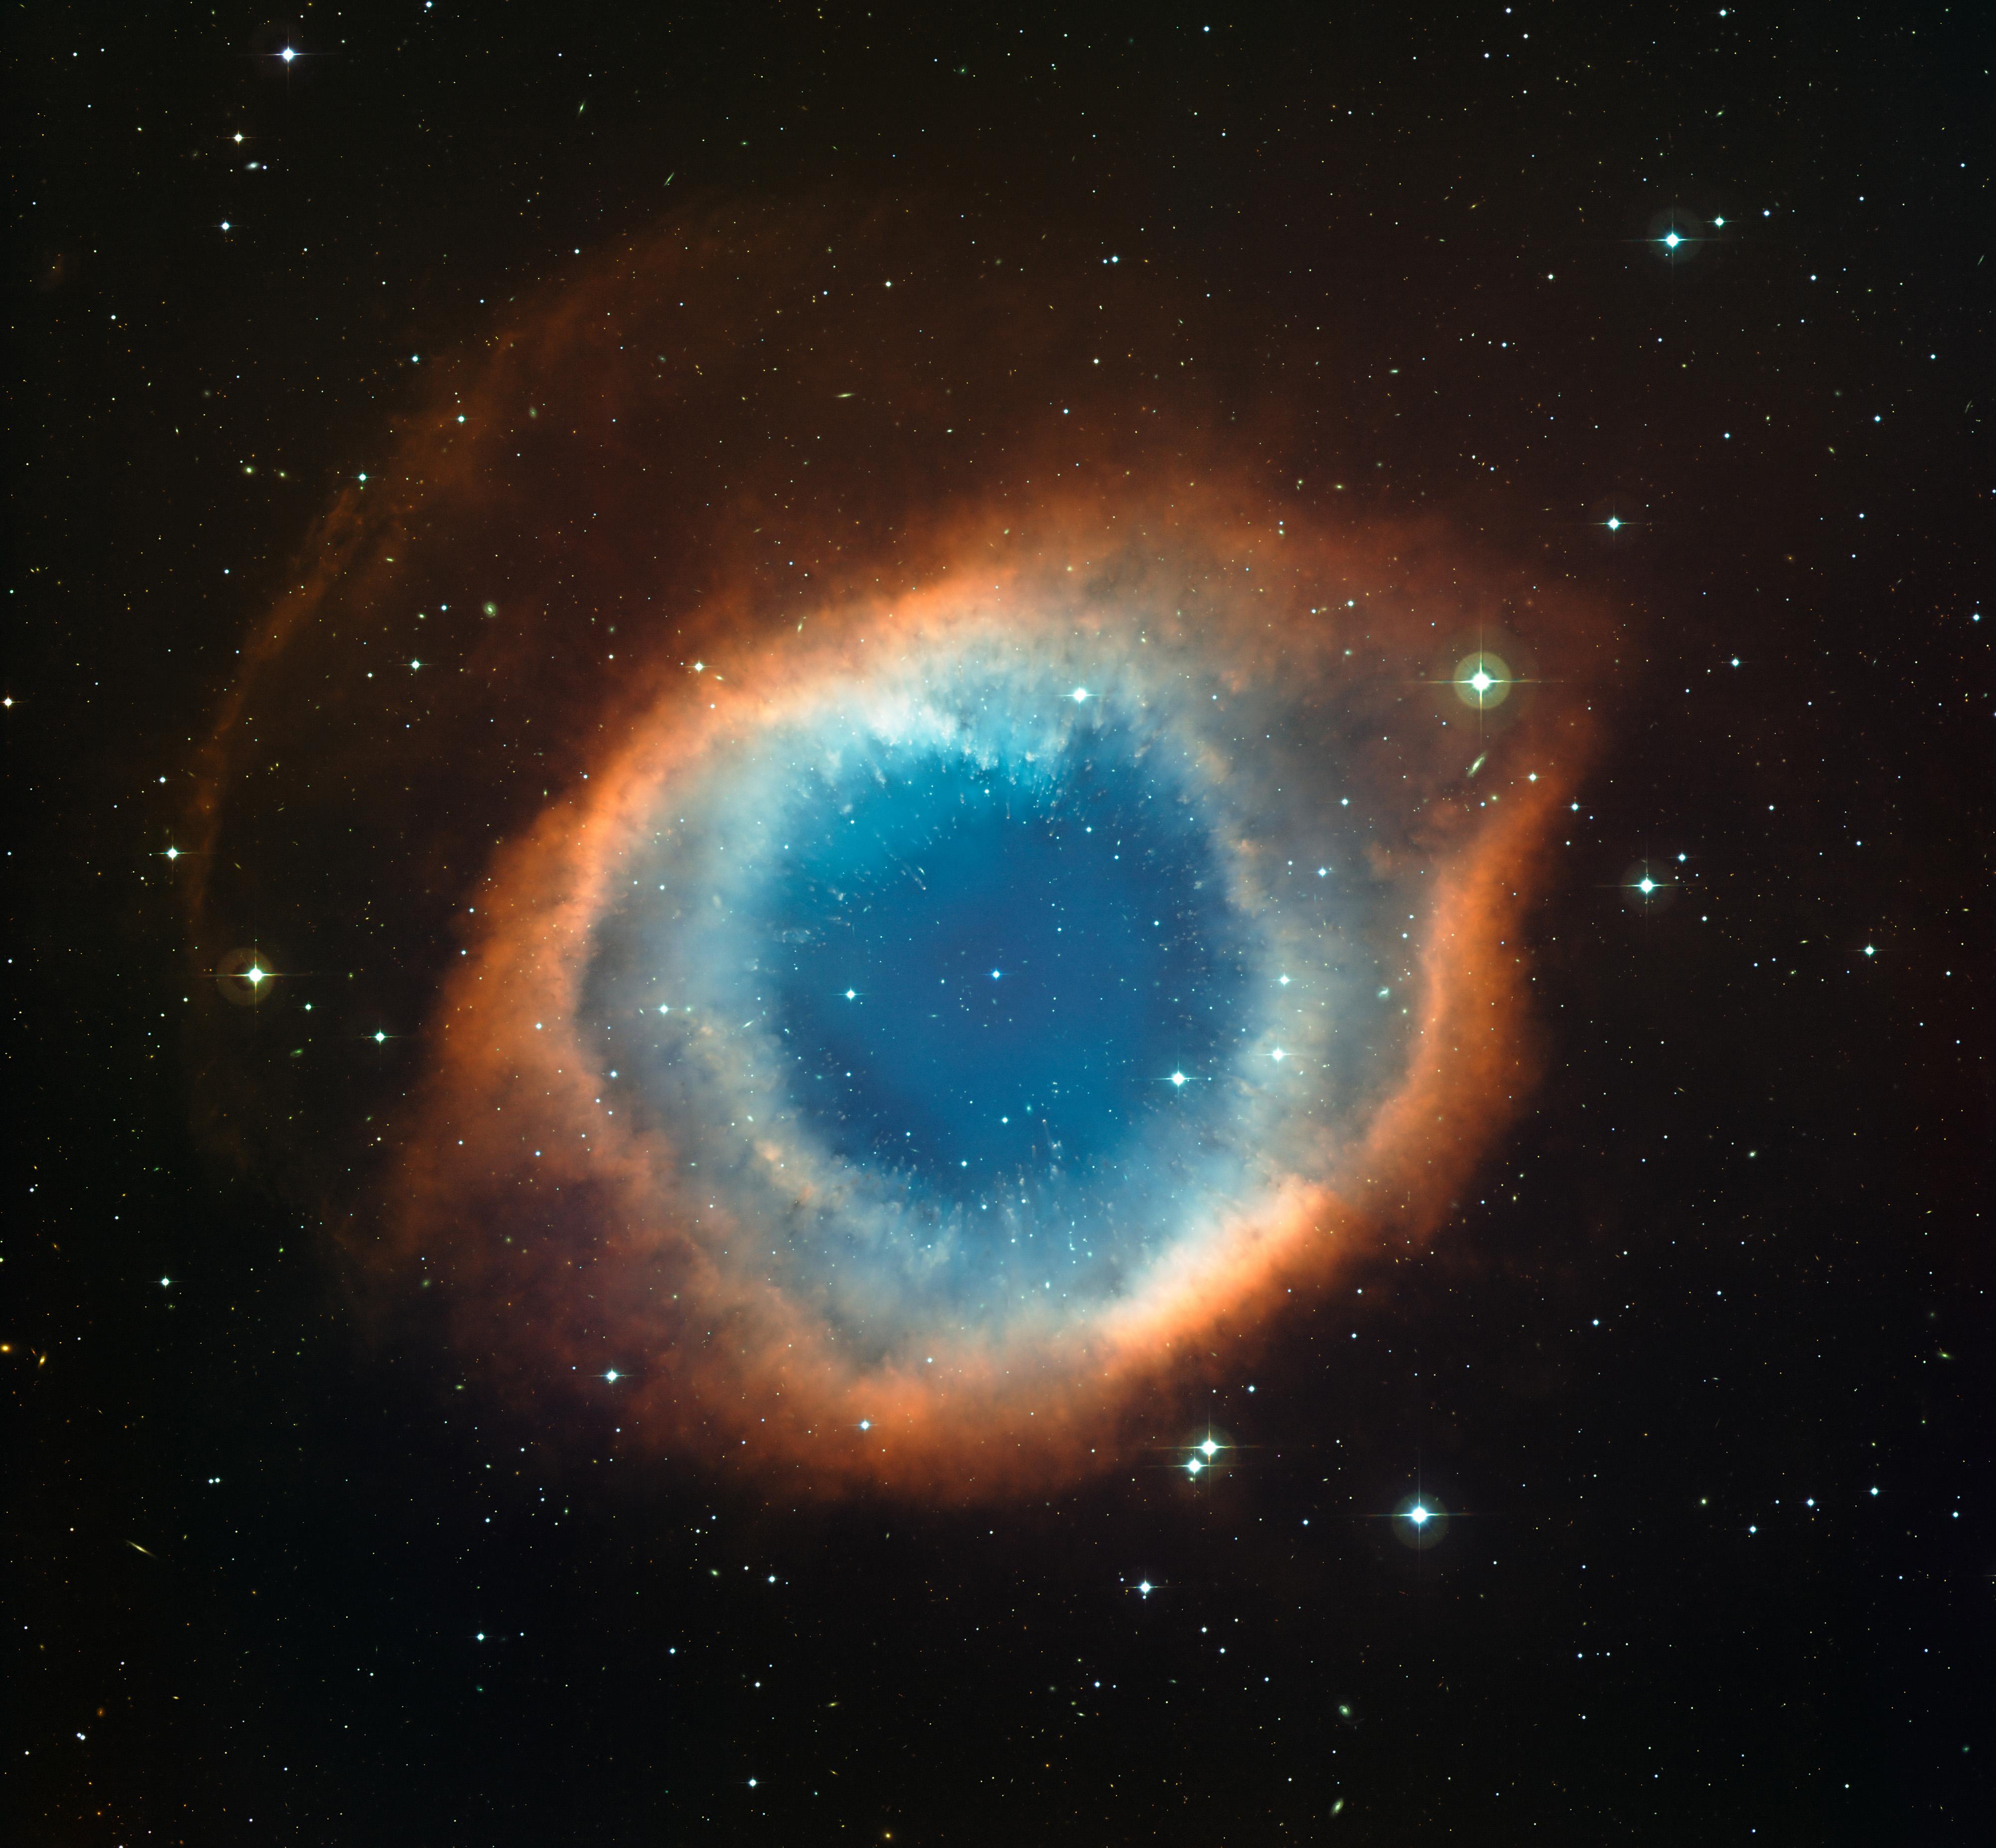 ngc 7293 the helix nebula - photo #5